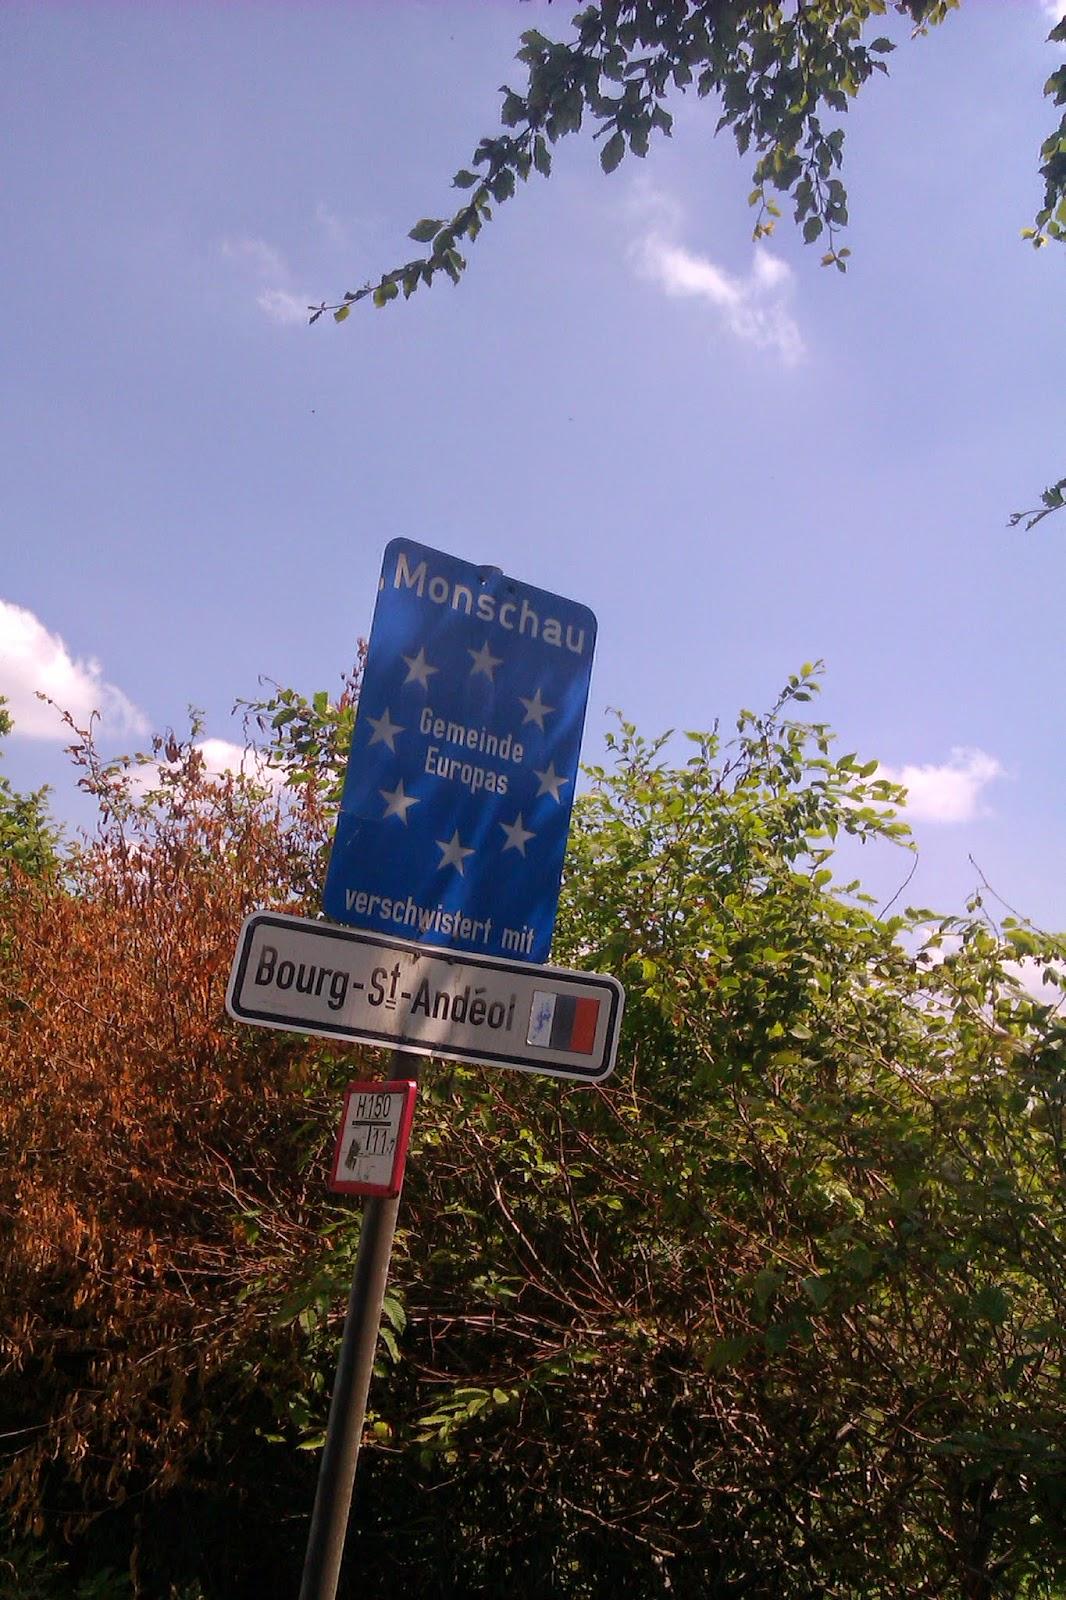 Gemeinde Europas Monschau